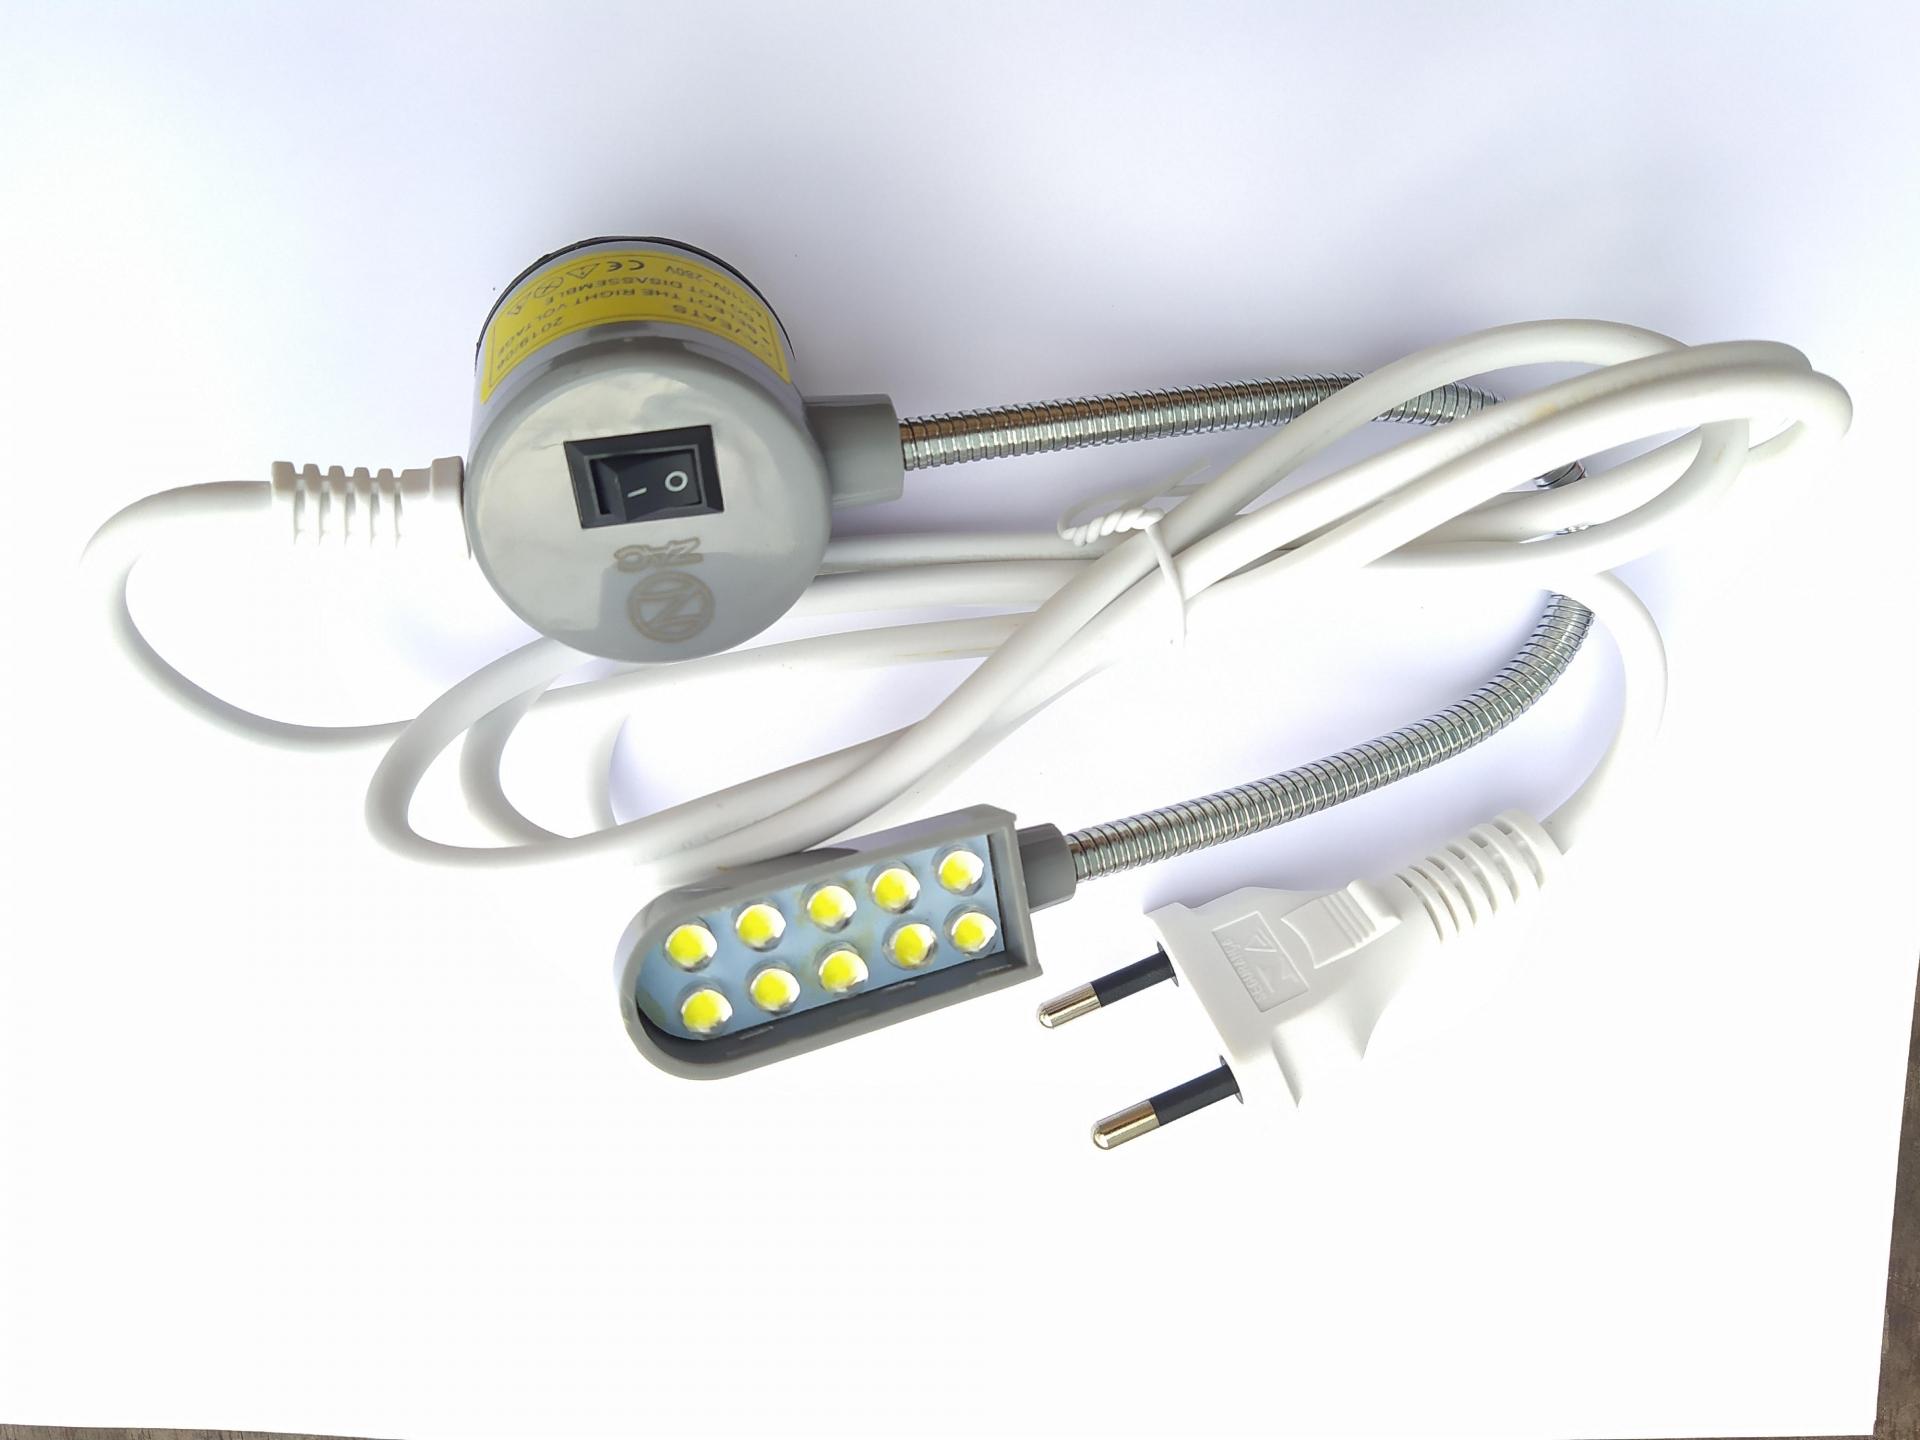 Farolete LED para maquinas de costura Magnético e articulável 10 LEDs